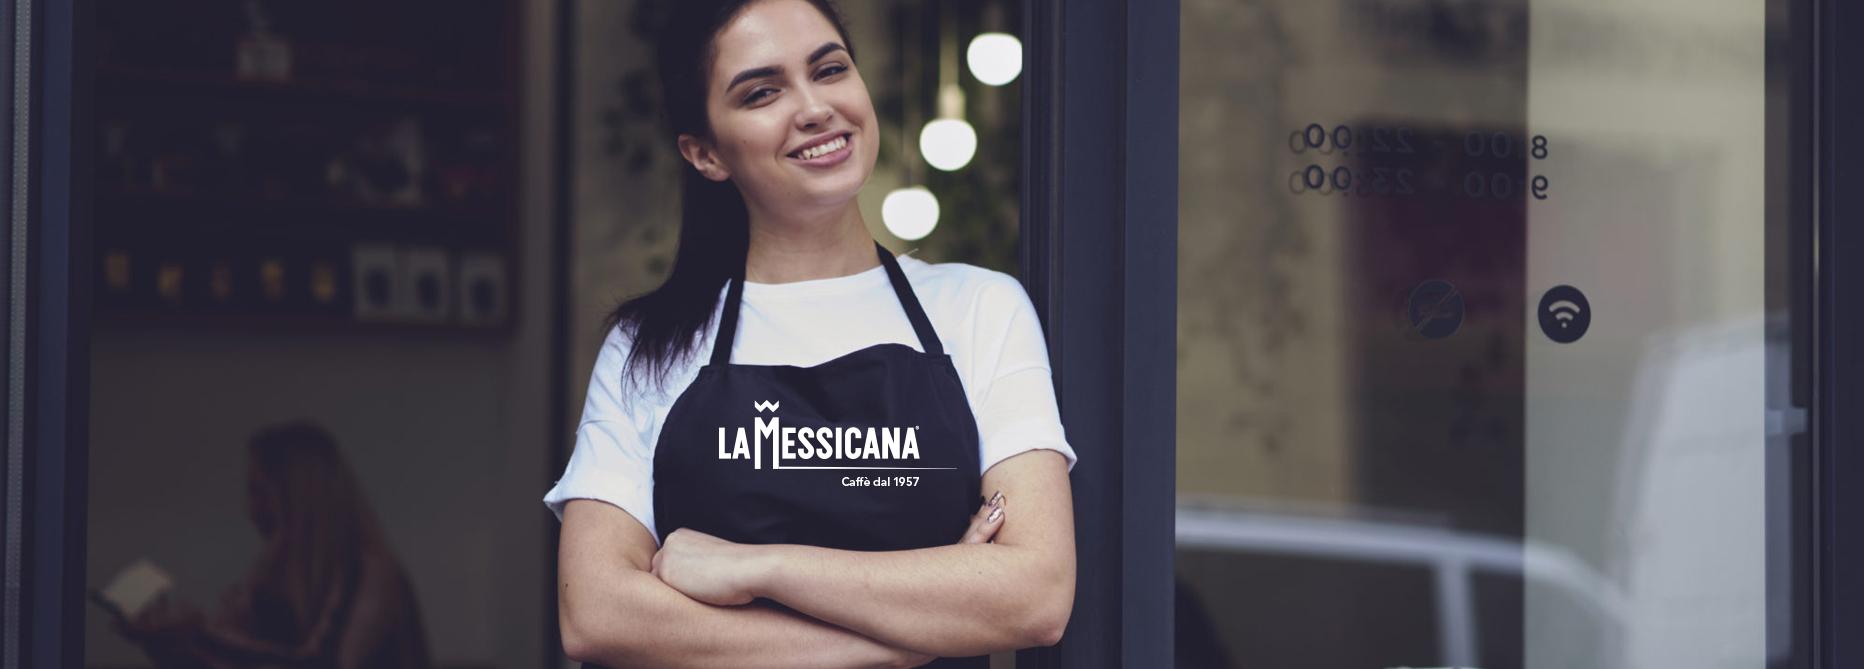 Accessori per Servizio Bar & Merchandising by La Messicana